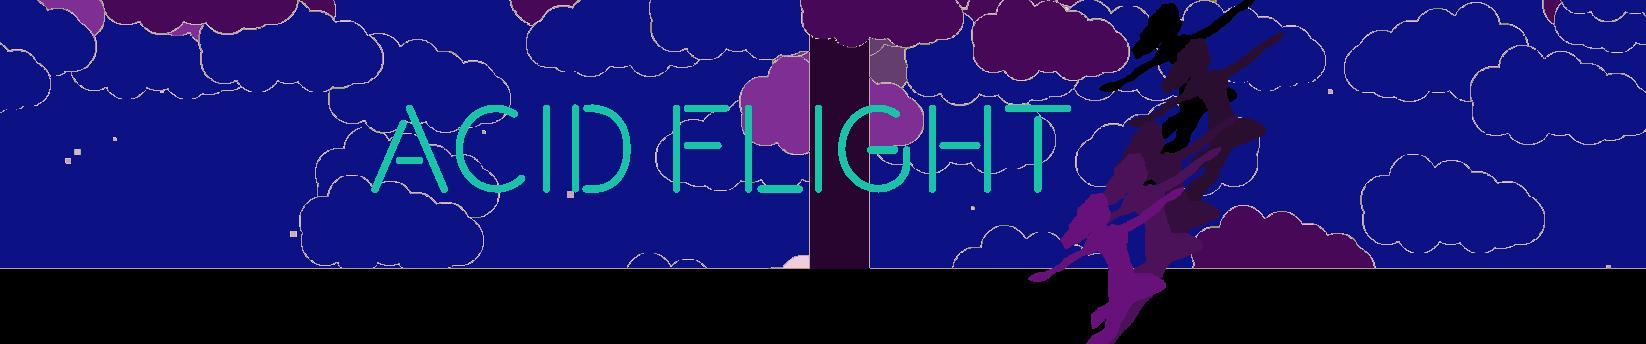 Acid Flight